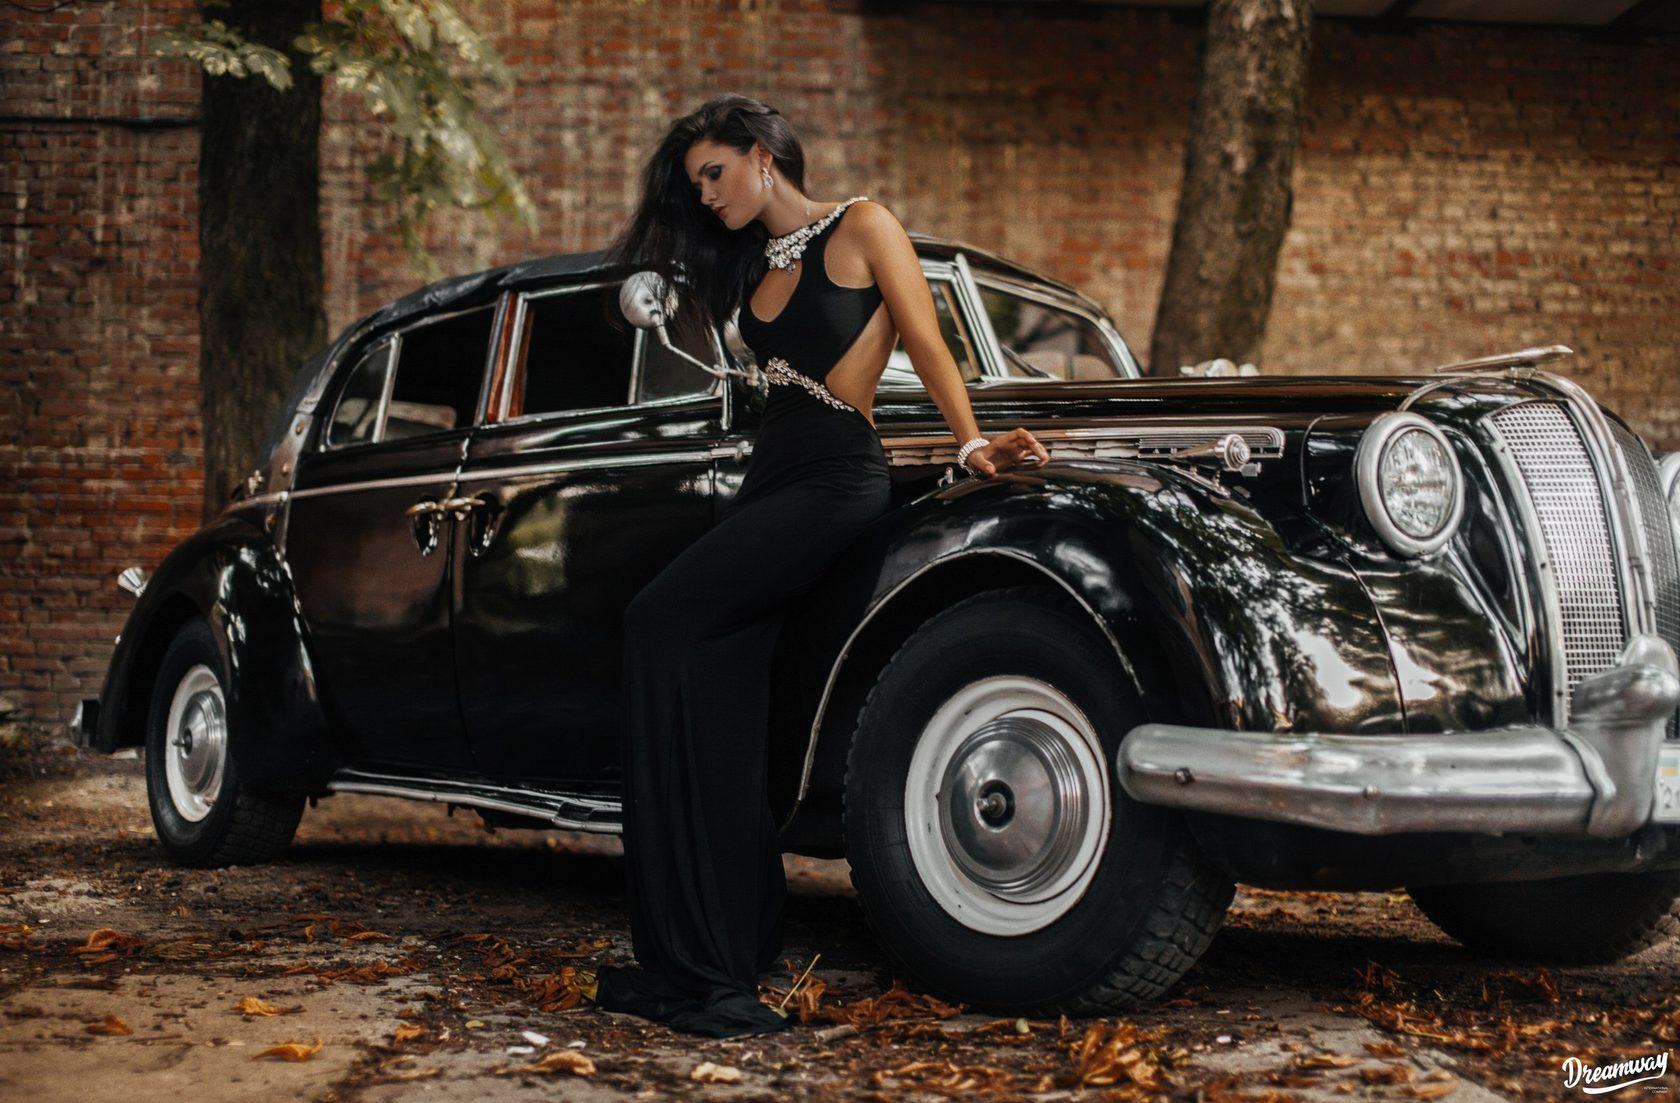 Ретро автомобили и девушки картинки